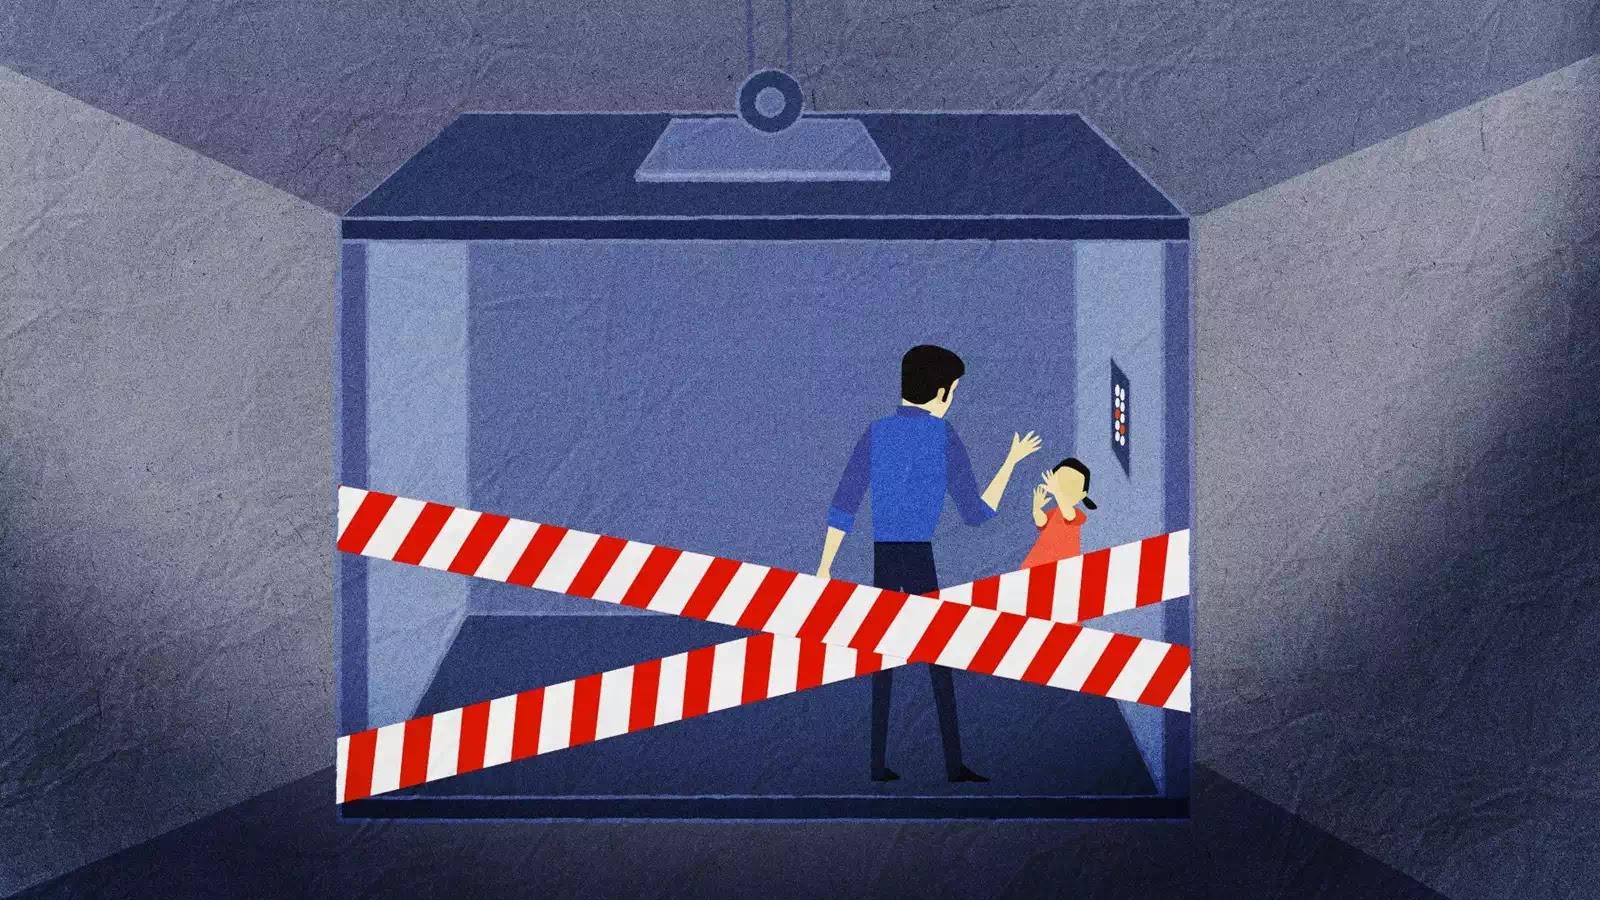 Xử kín Nguyễn Hữu Linh và những bất an, nghi kỵ từ cộng đồng